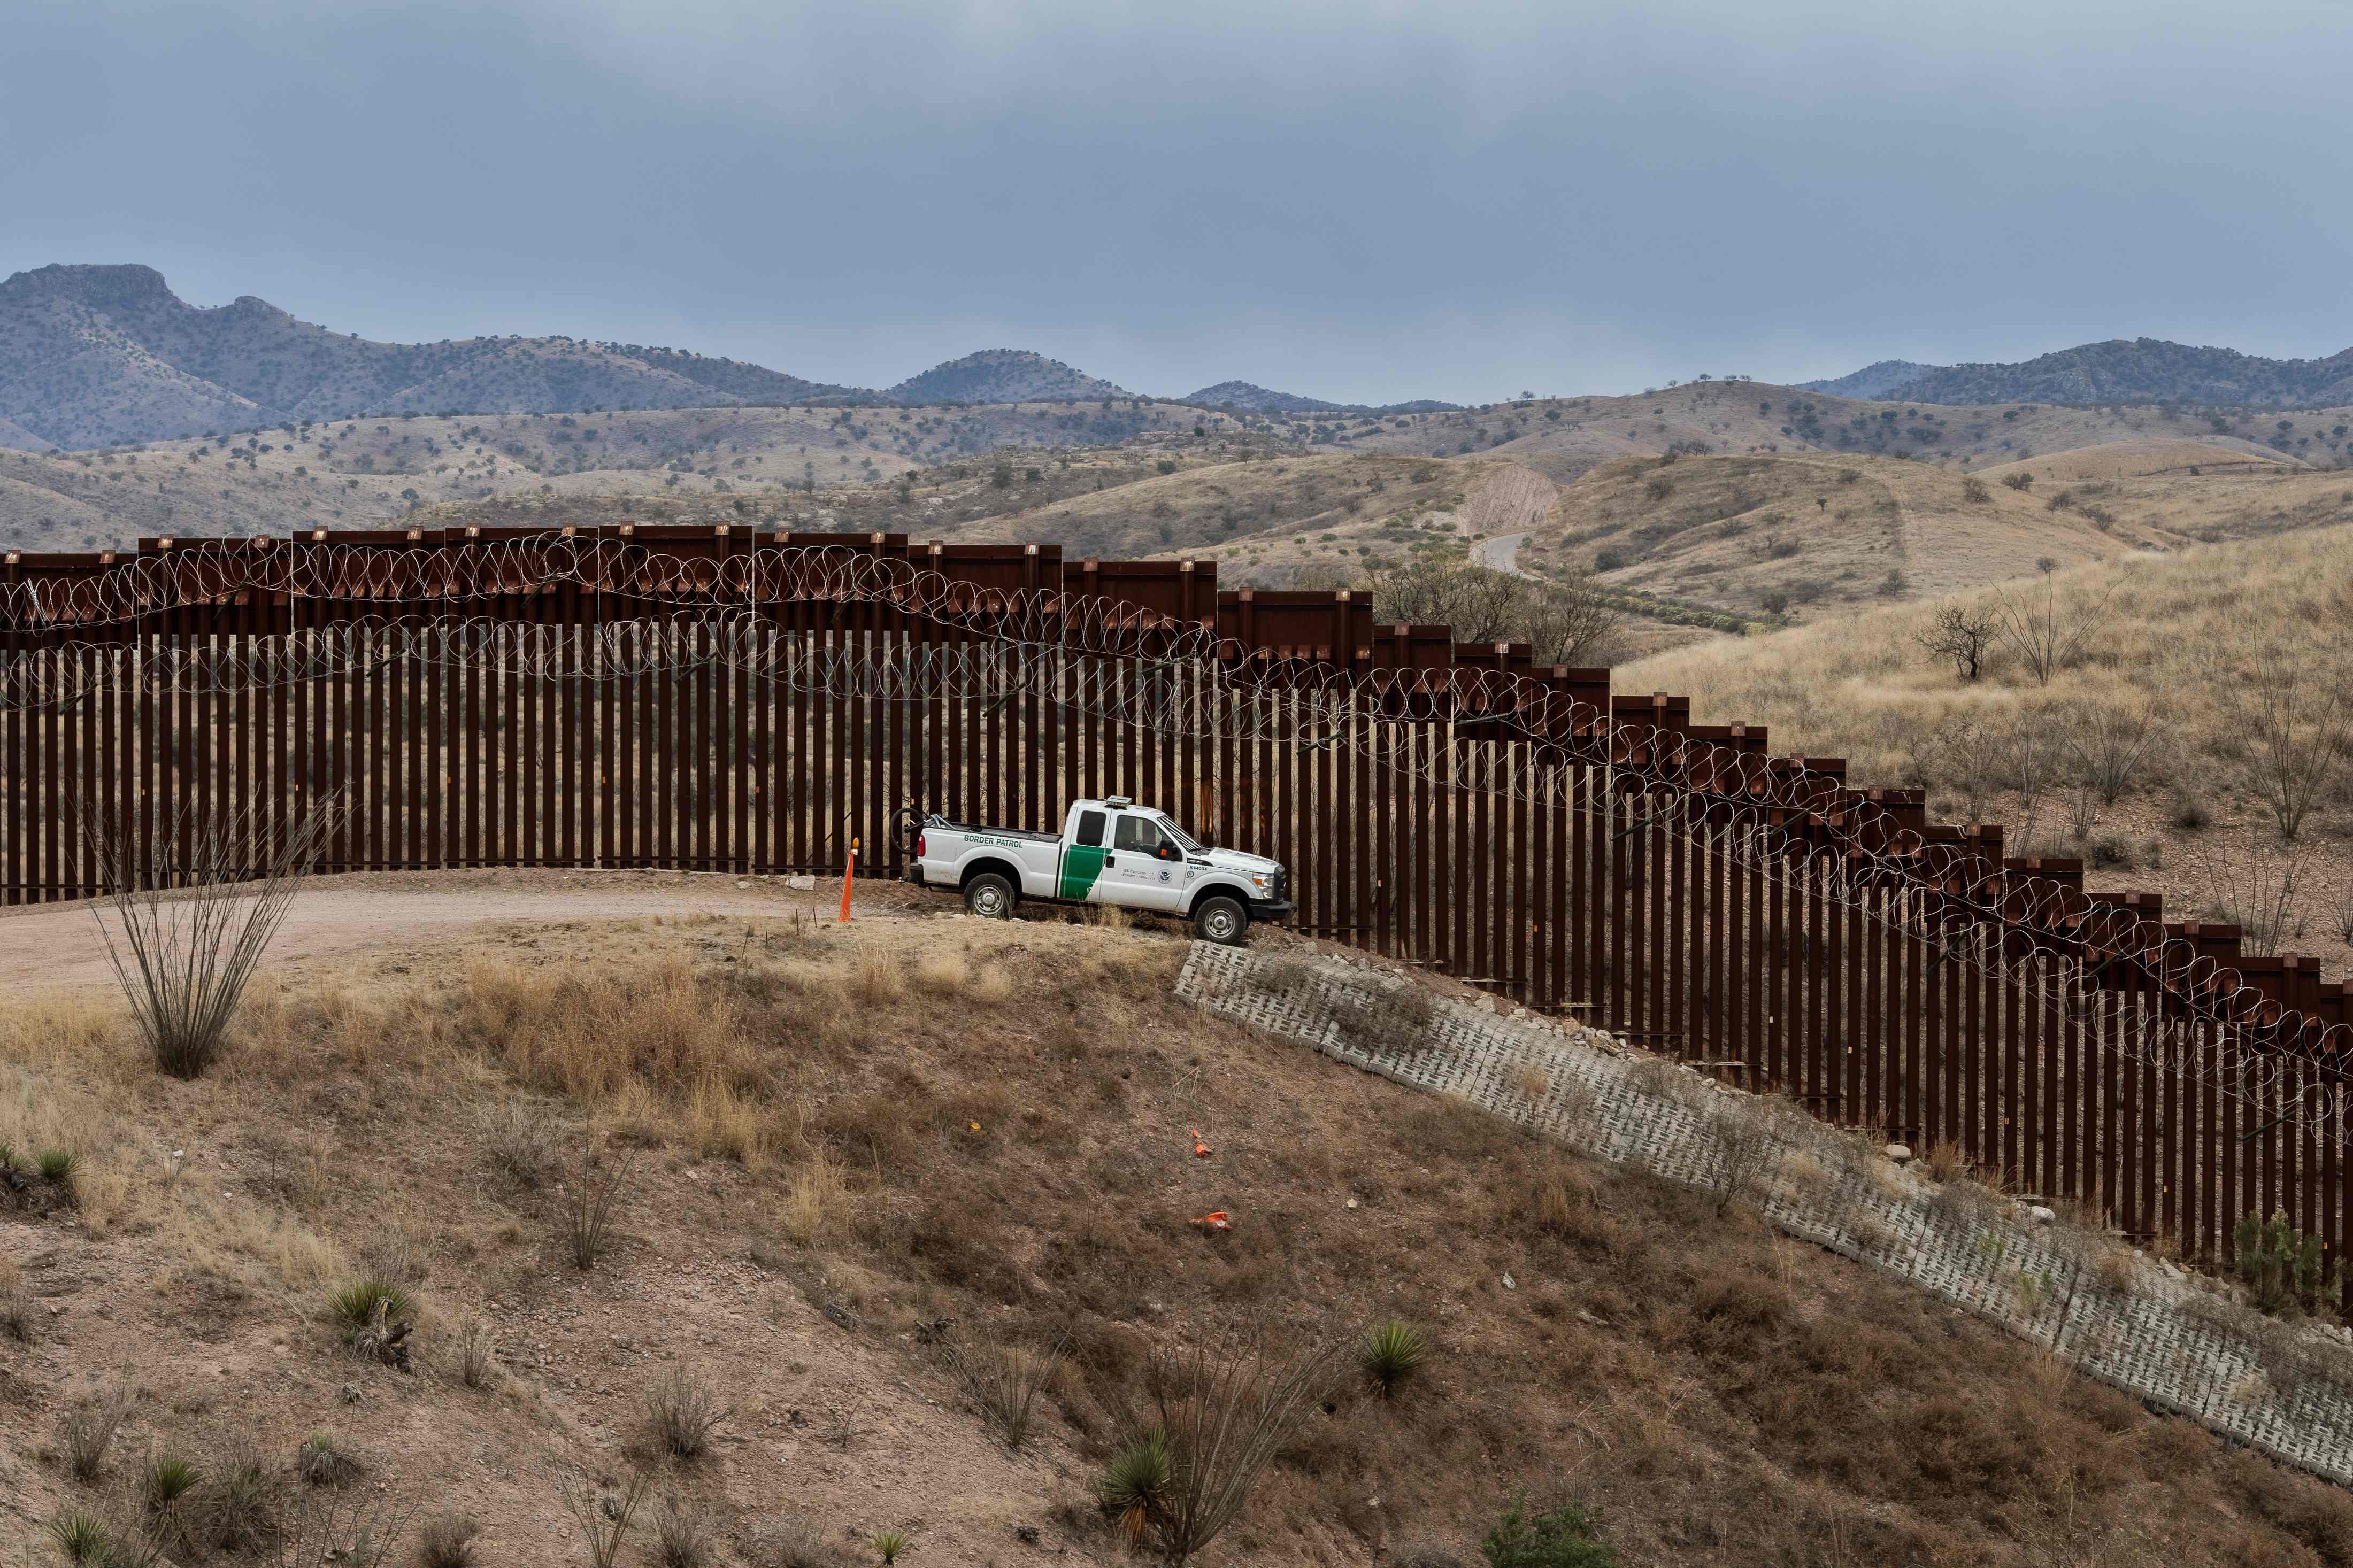 El presupuesto incluye US$1 mil 375 millones para el reforzamiento del muro. (Foto Prensa Libre: AFP)